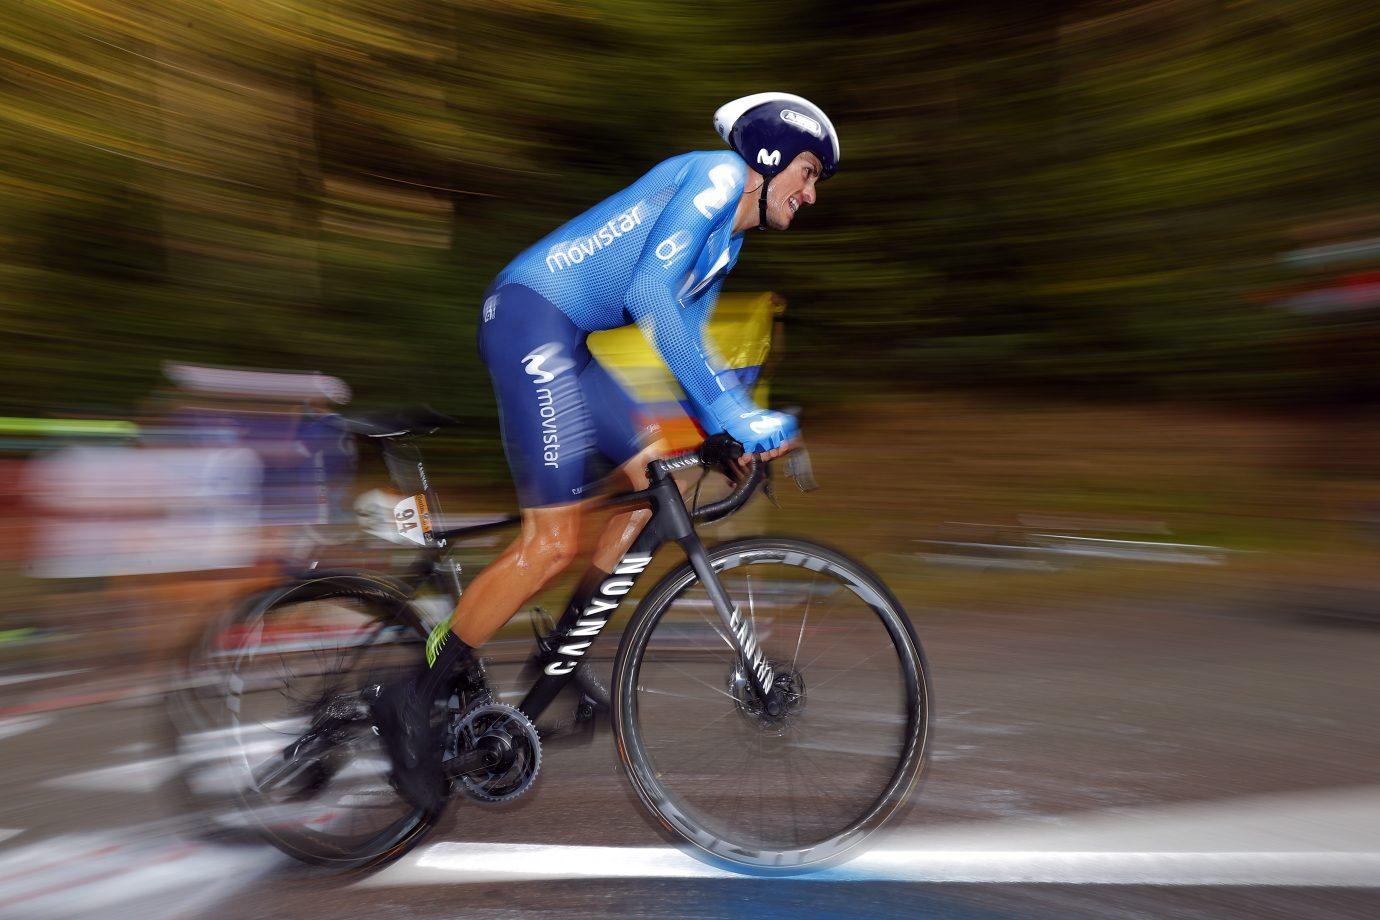 Imagen de la noticia 'Enric Mas takes brilliant 5th overall in 2020 Tour de France'